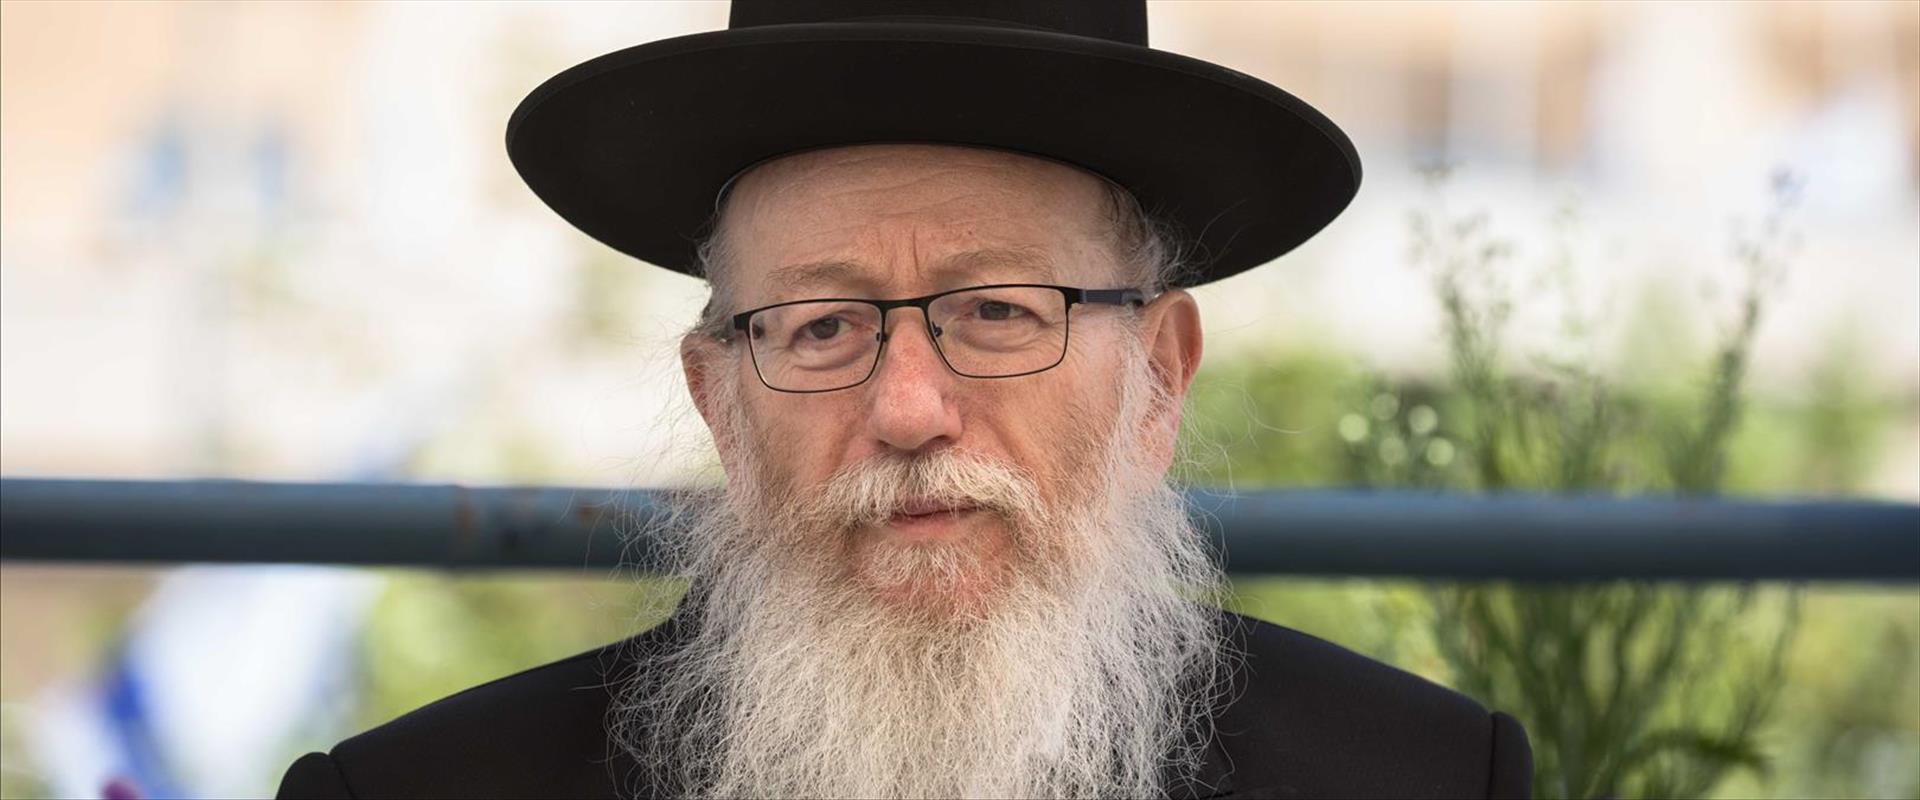 יעקב ליצמן